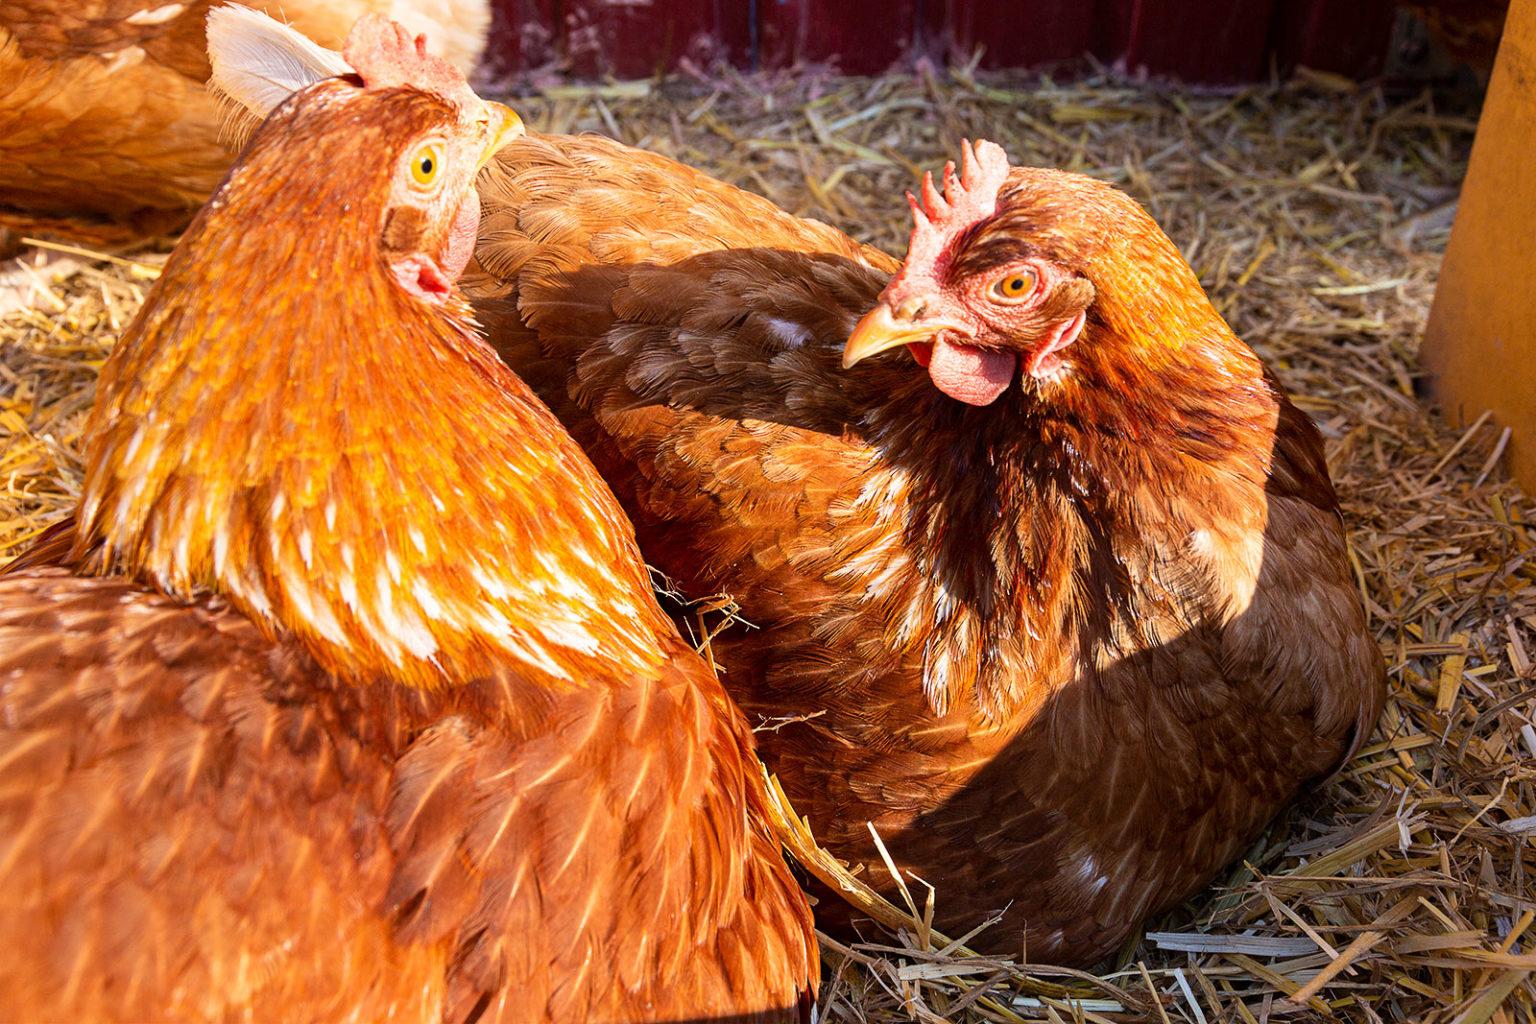 Zwei Hühner dicht beieinander. Sie mögen das.